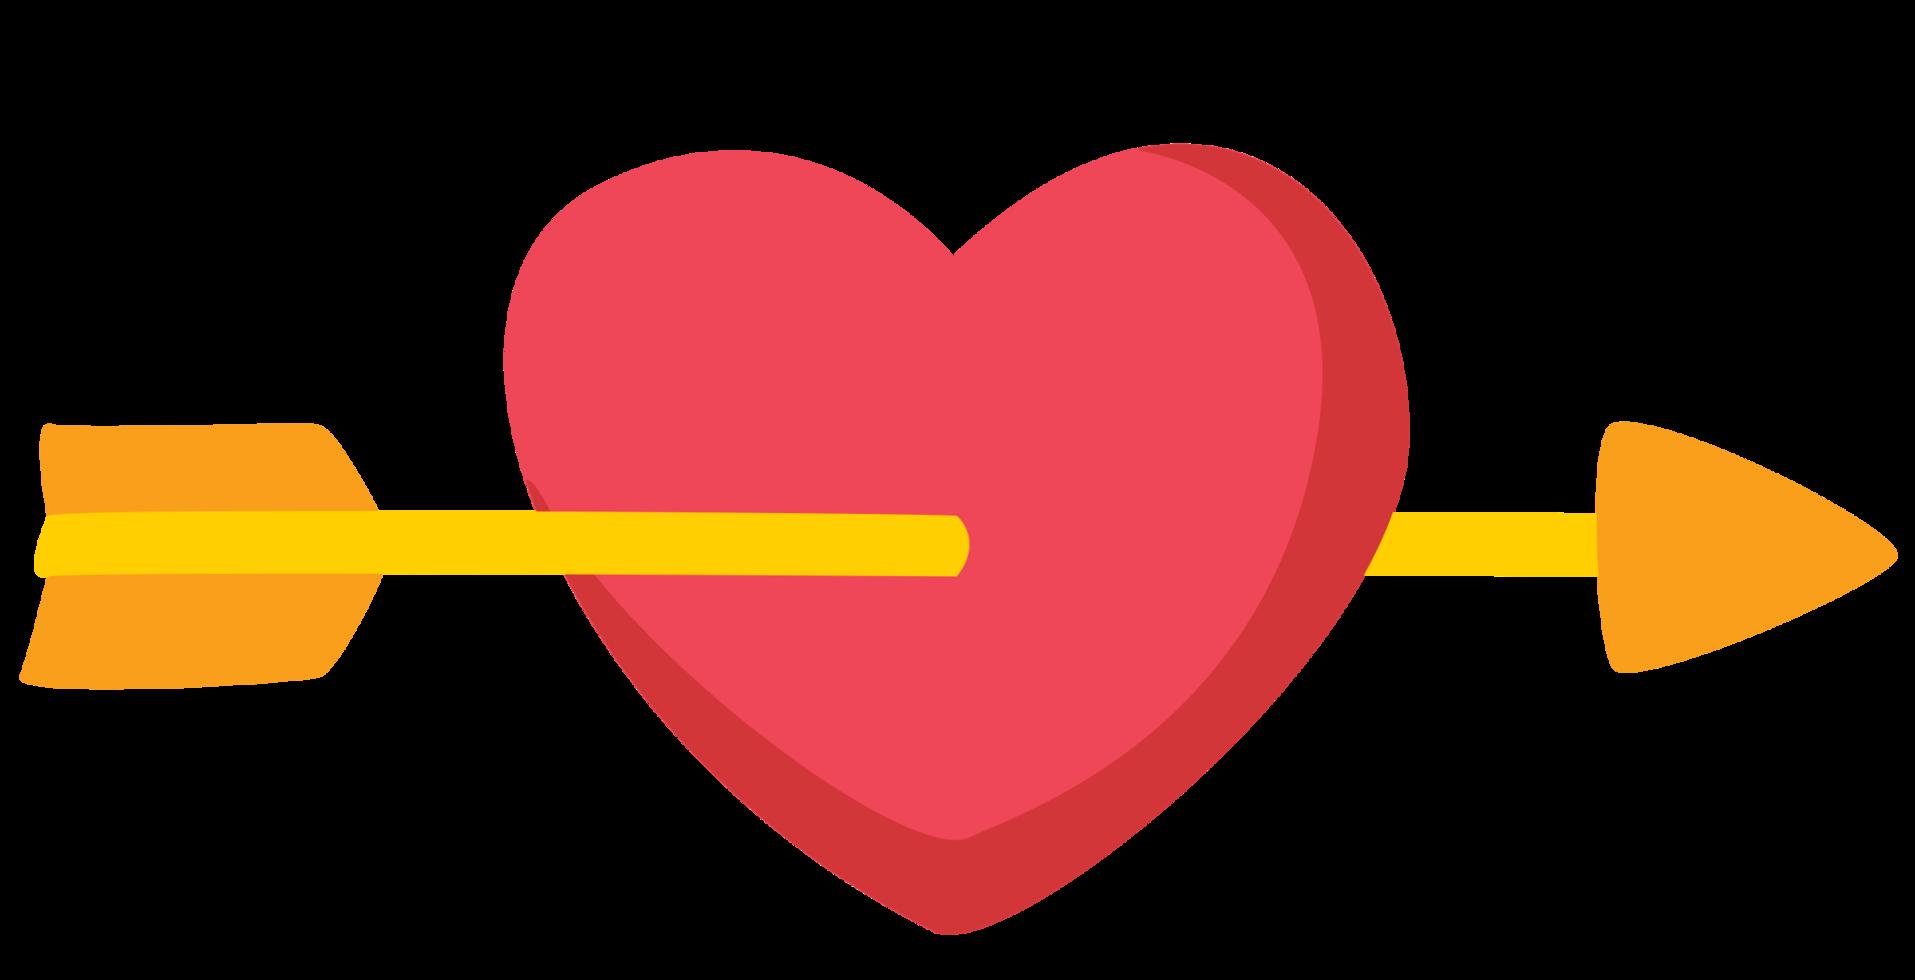 freccia del cuore png